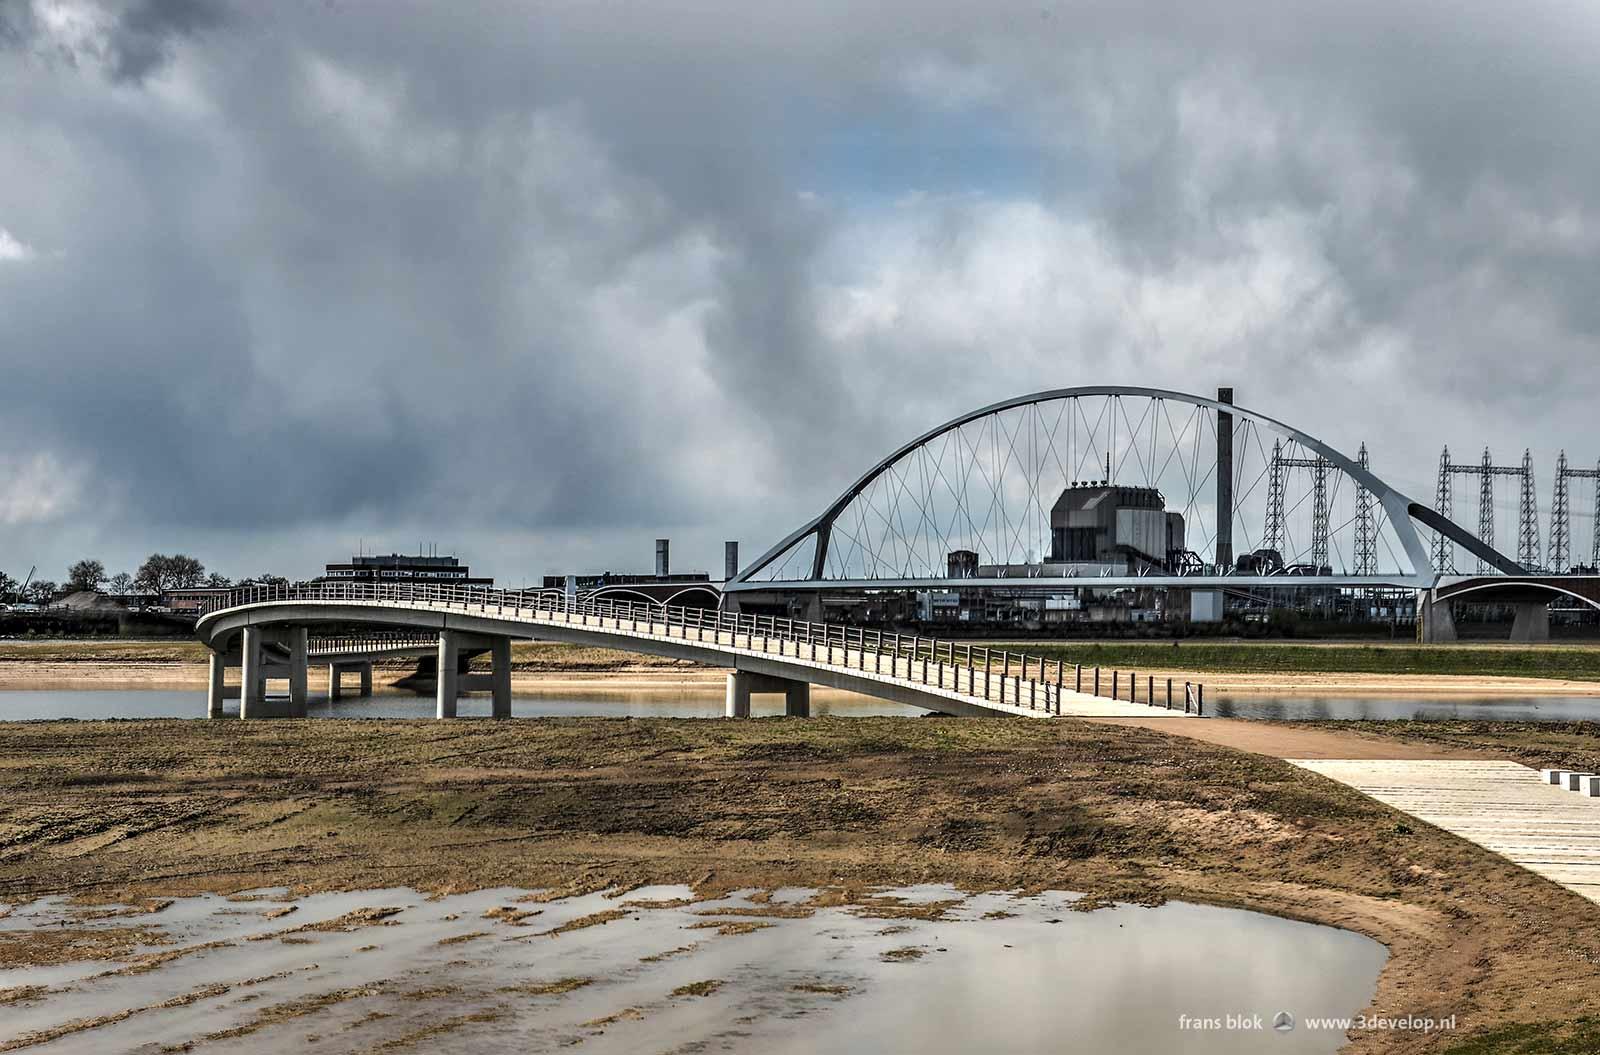 De Zaligebrug, een voetgangersbrug over de Spiegelwaal in Nijmegen, met op de achtergrond stadsbrug De Oversteek